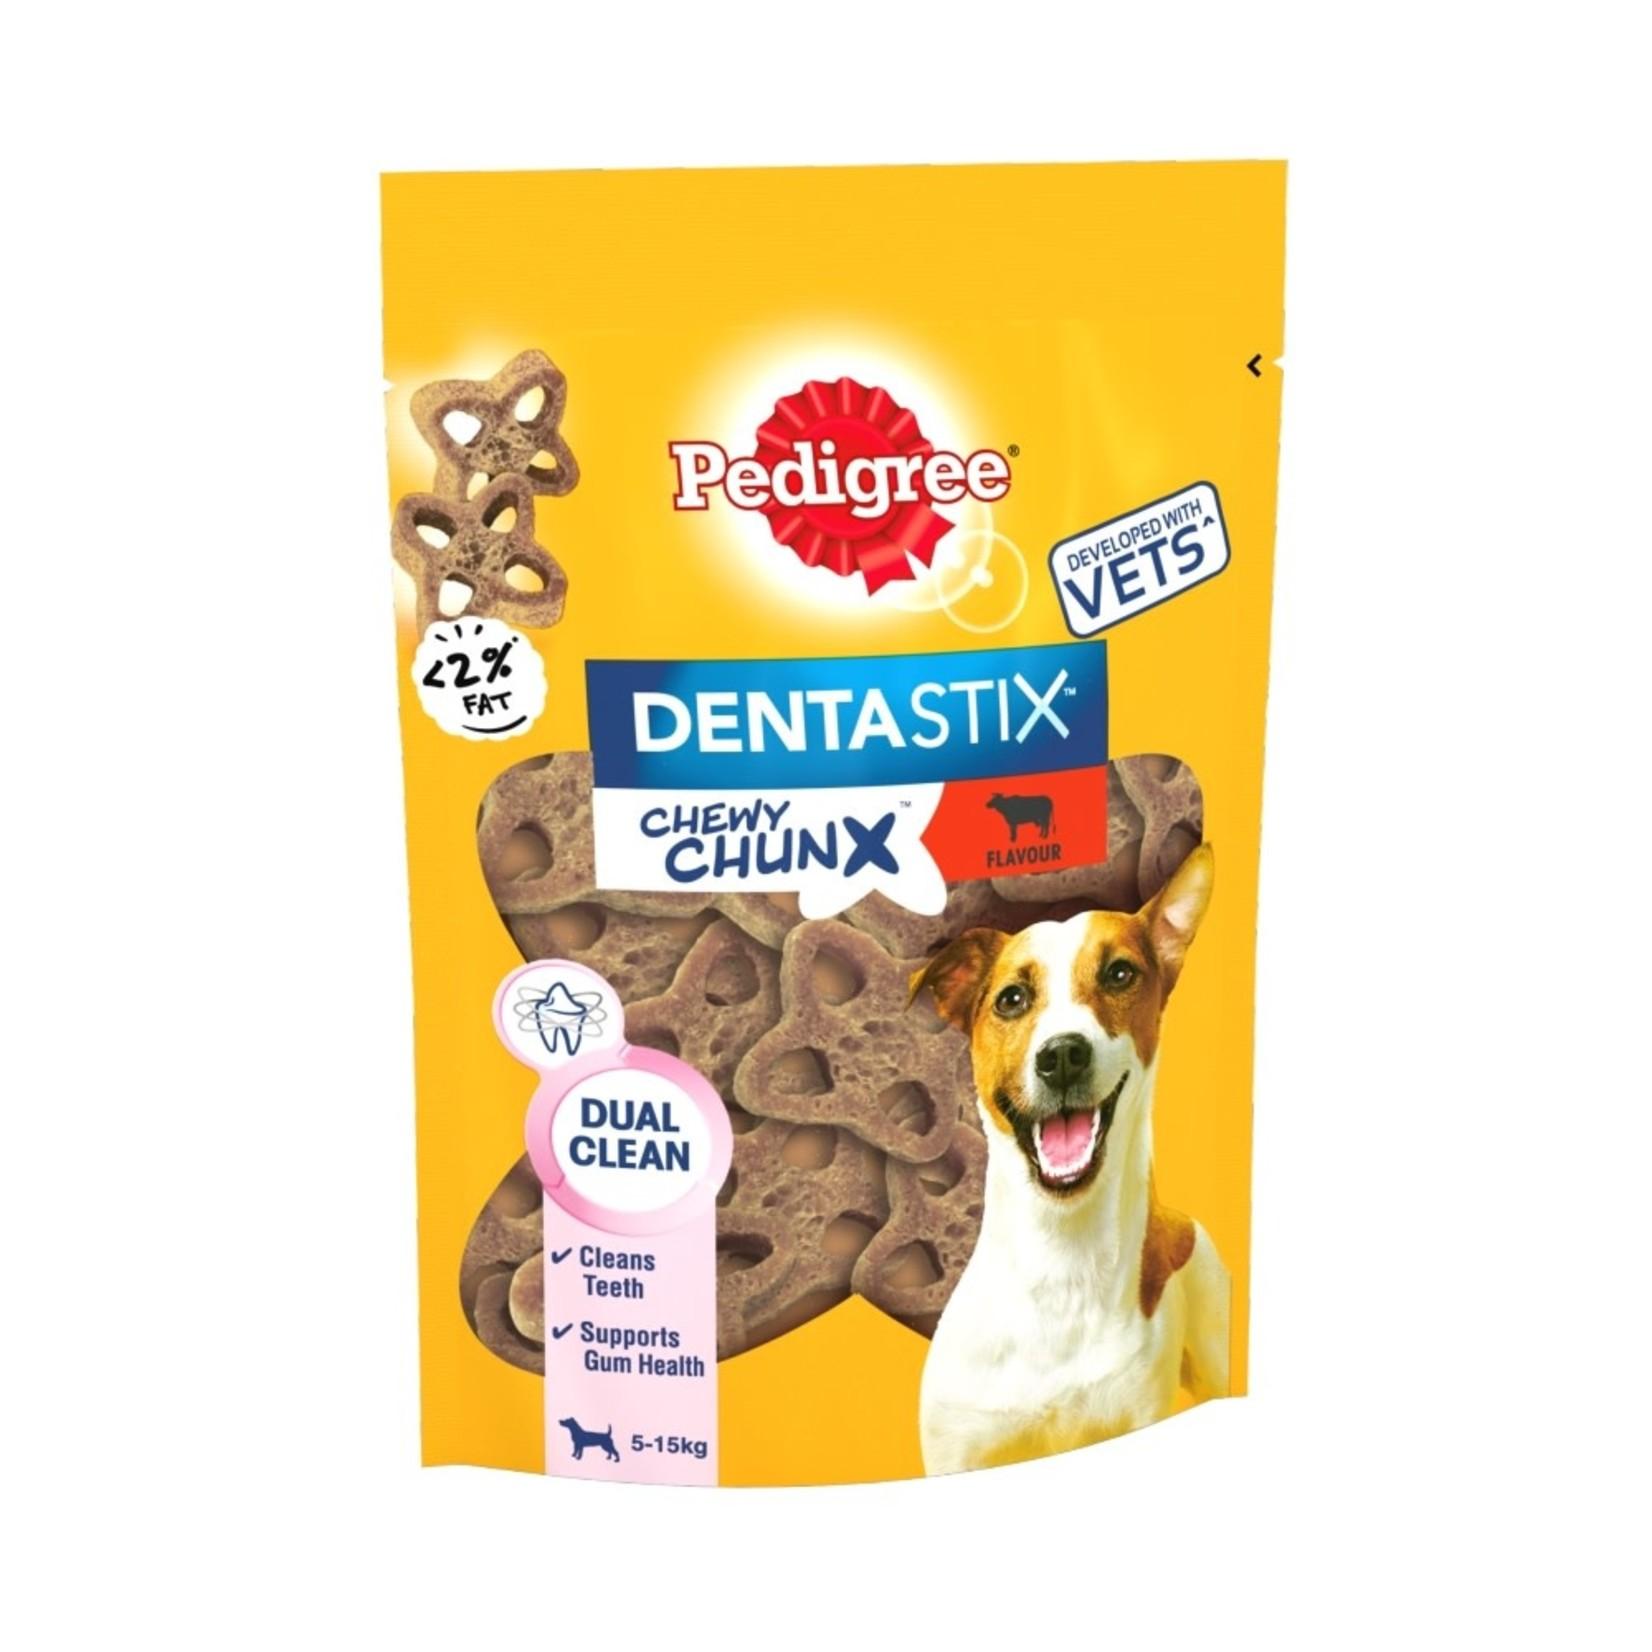 Pedigree Dentastix Chewy Chunx Mini Dog Treats Beef Flavour, 68g